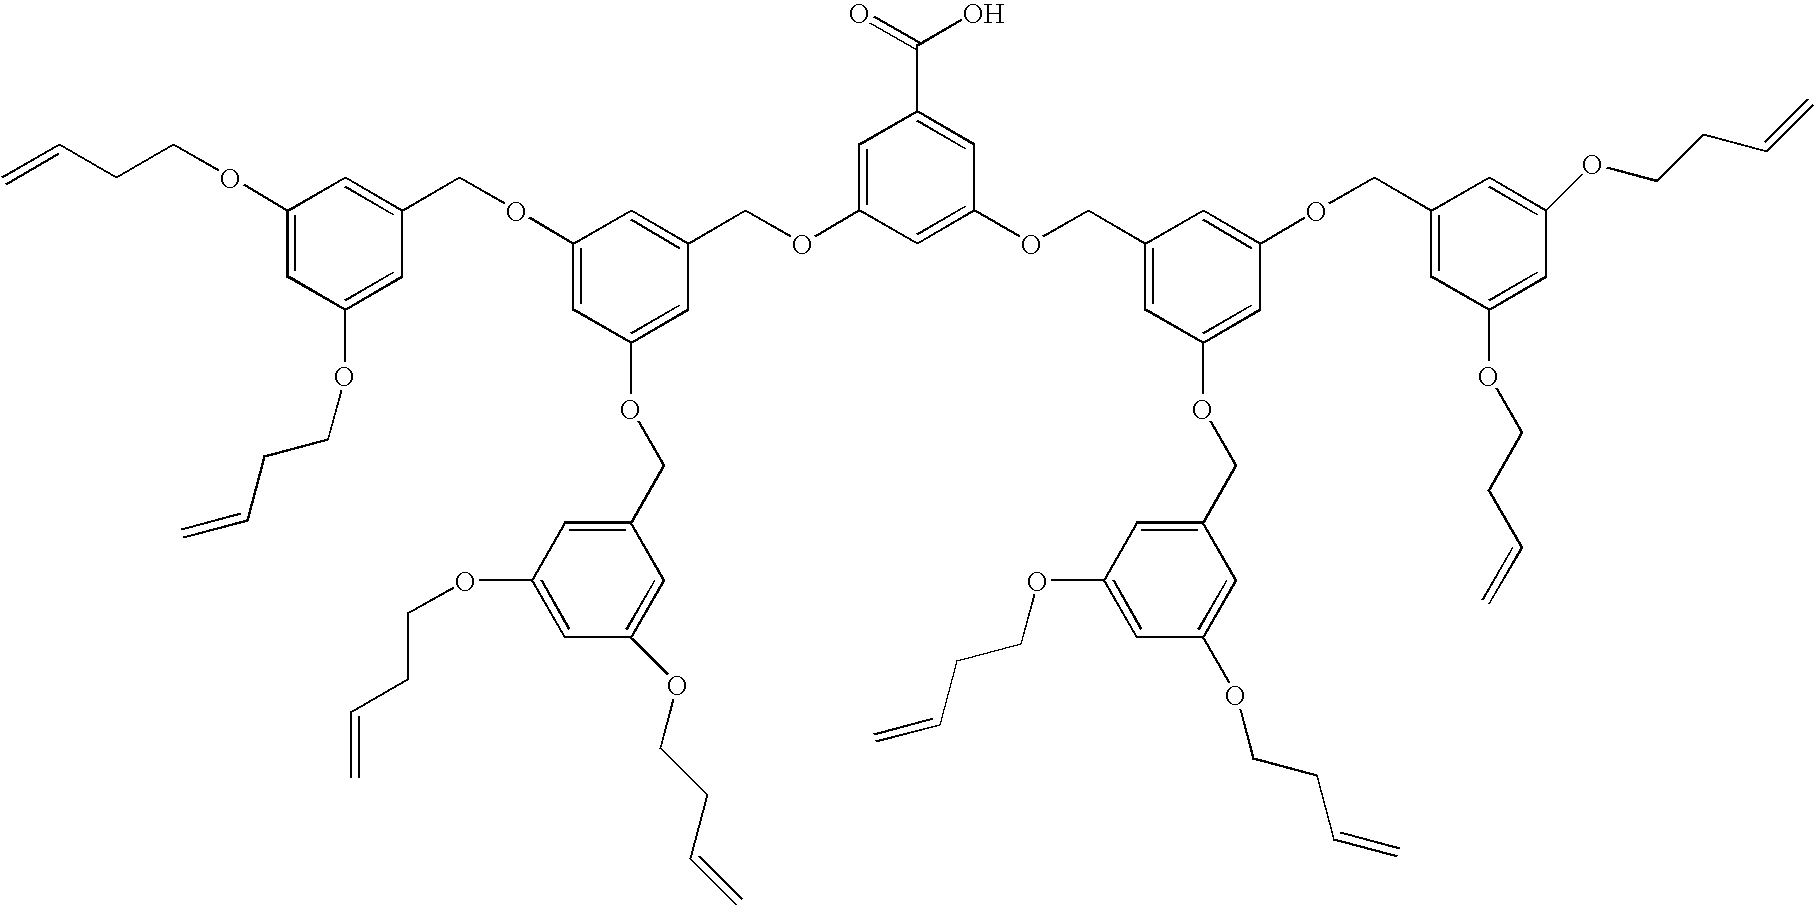 Figure US20100234213A1-20100916-C00092